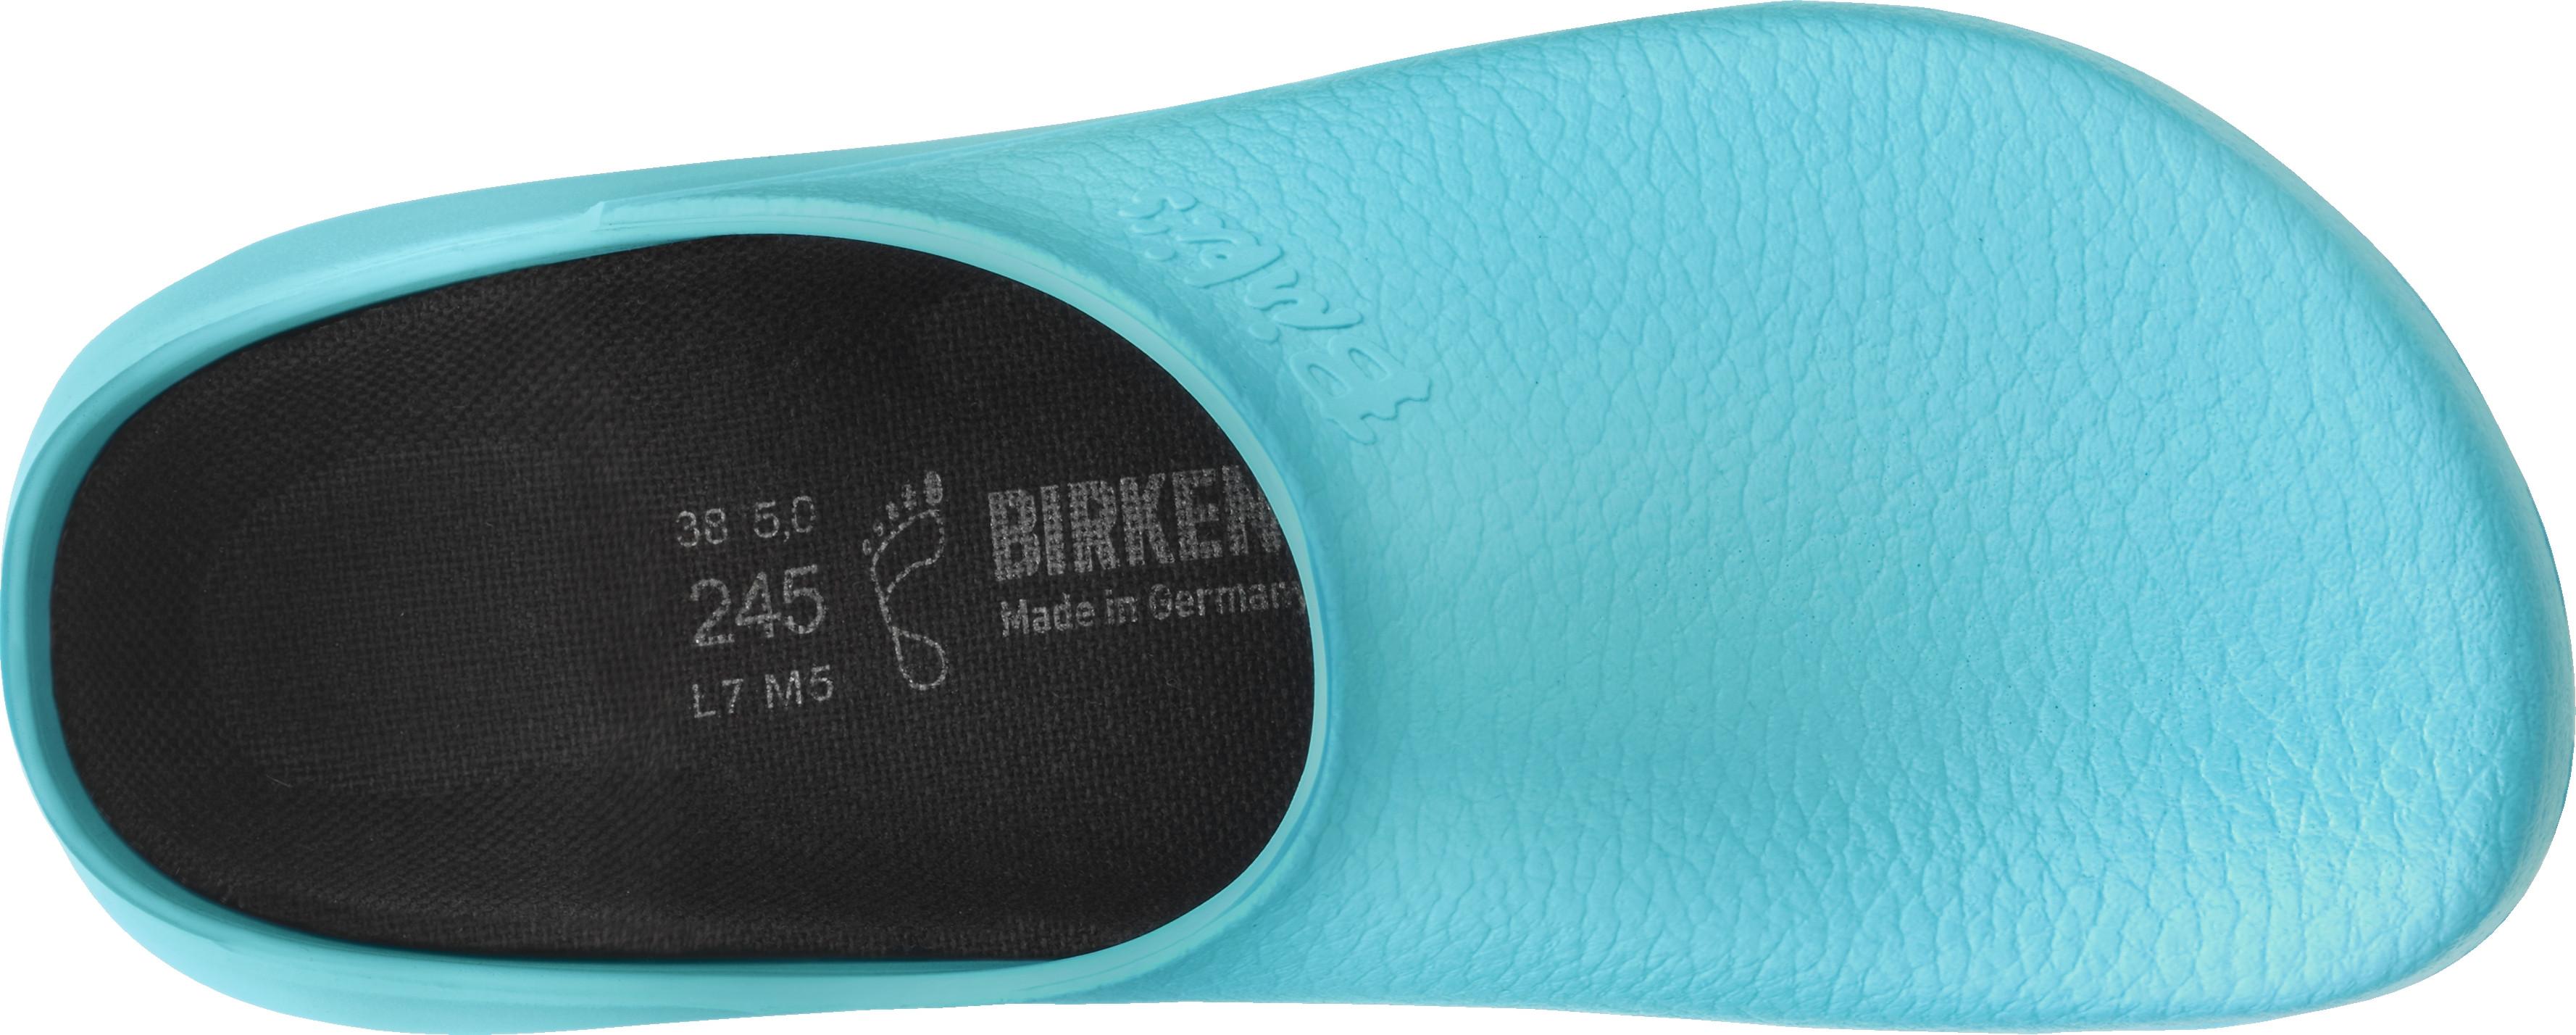 068501 BIRKENSTOCK Super Birki Clog normale Weite hellblau light blue Größe 35 43